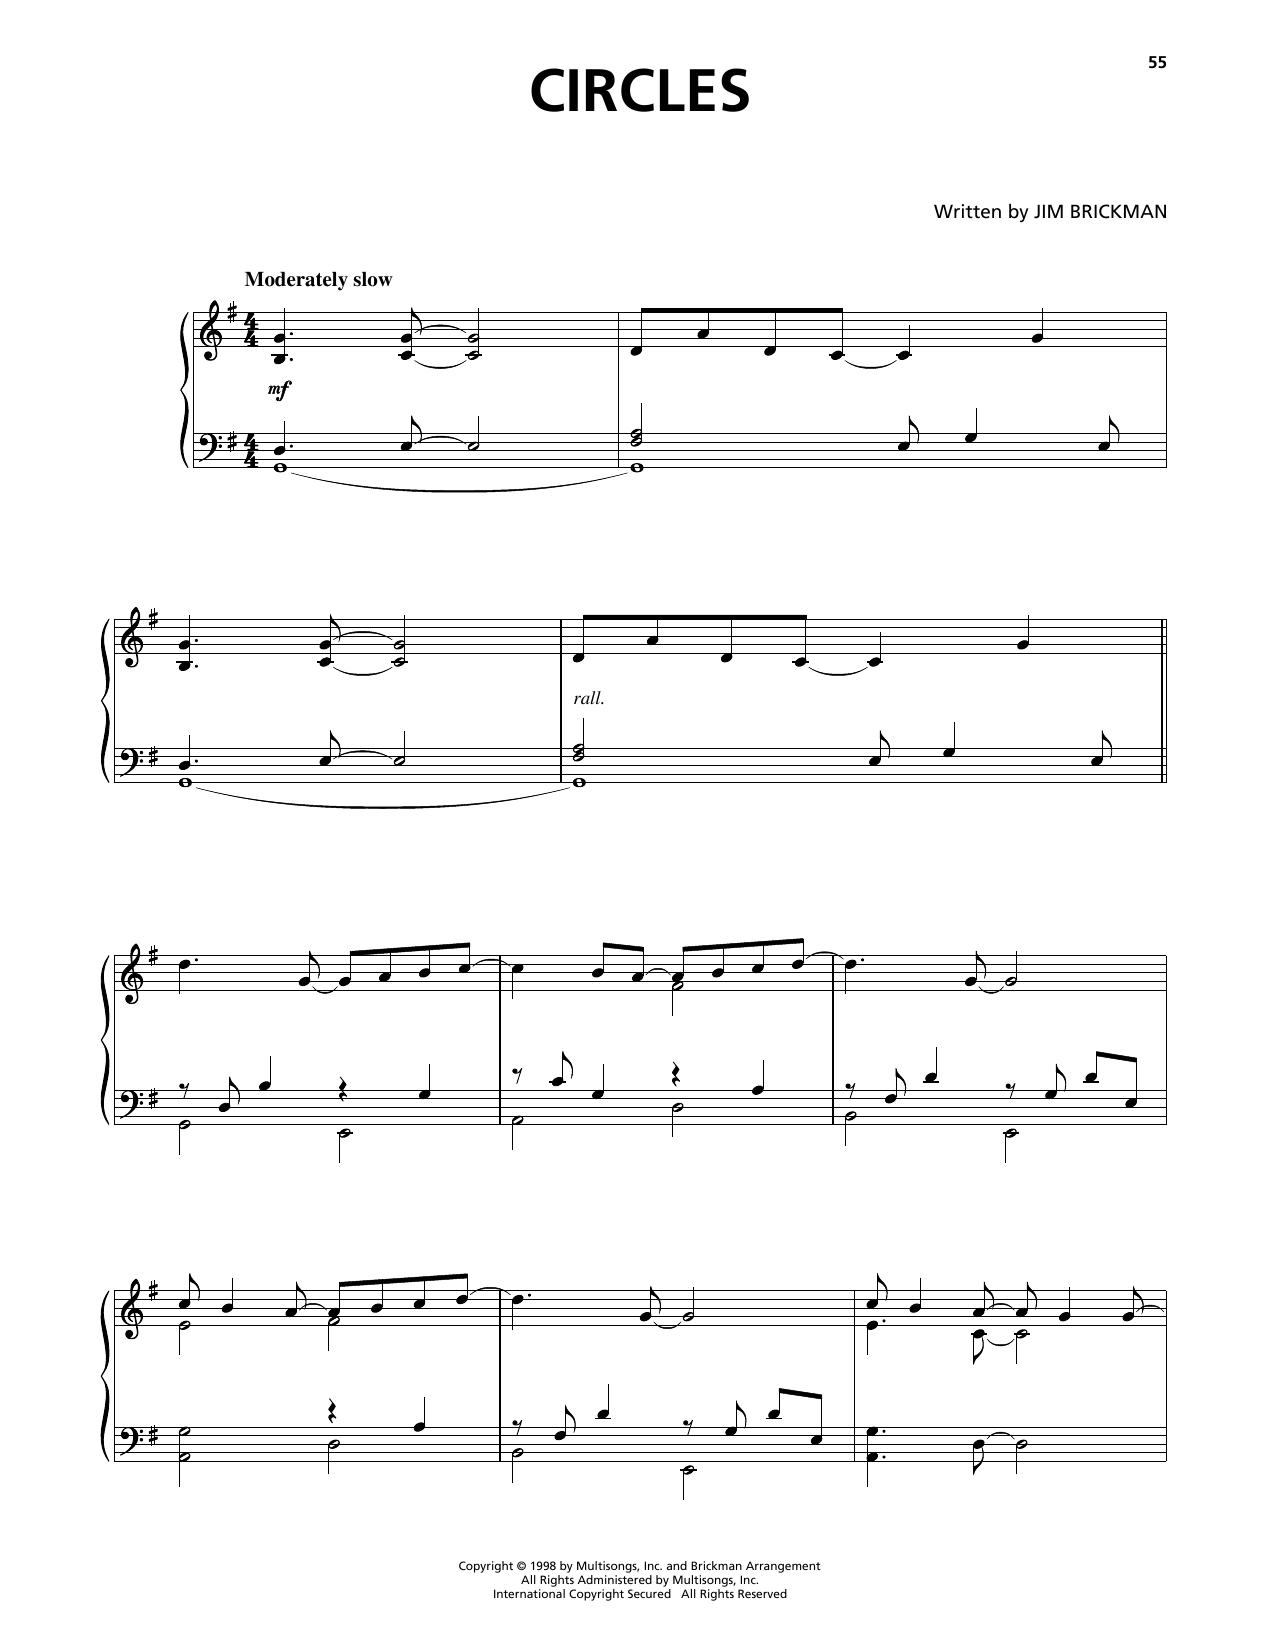 Jim Brickman Circles sheet music notes and chords